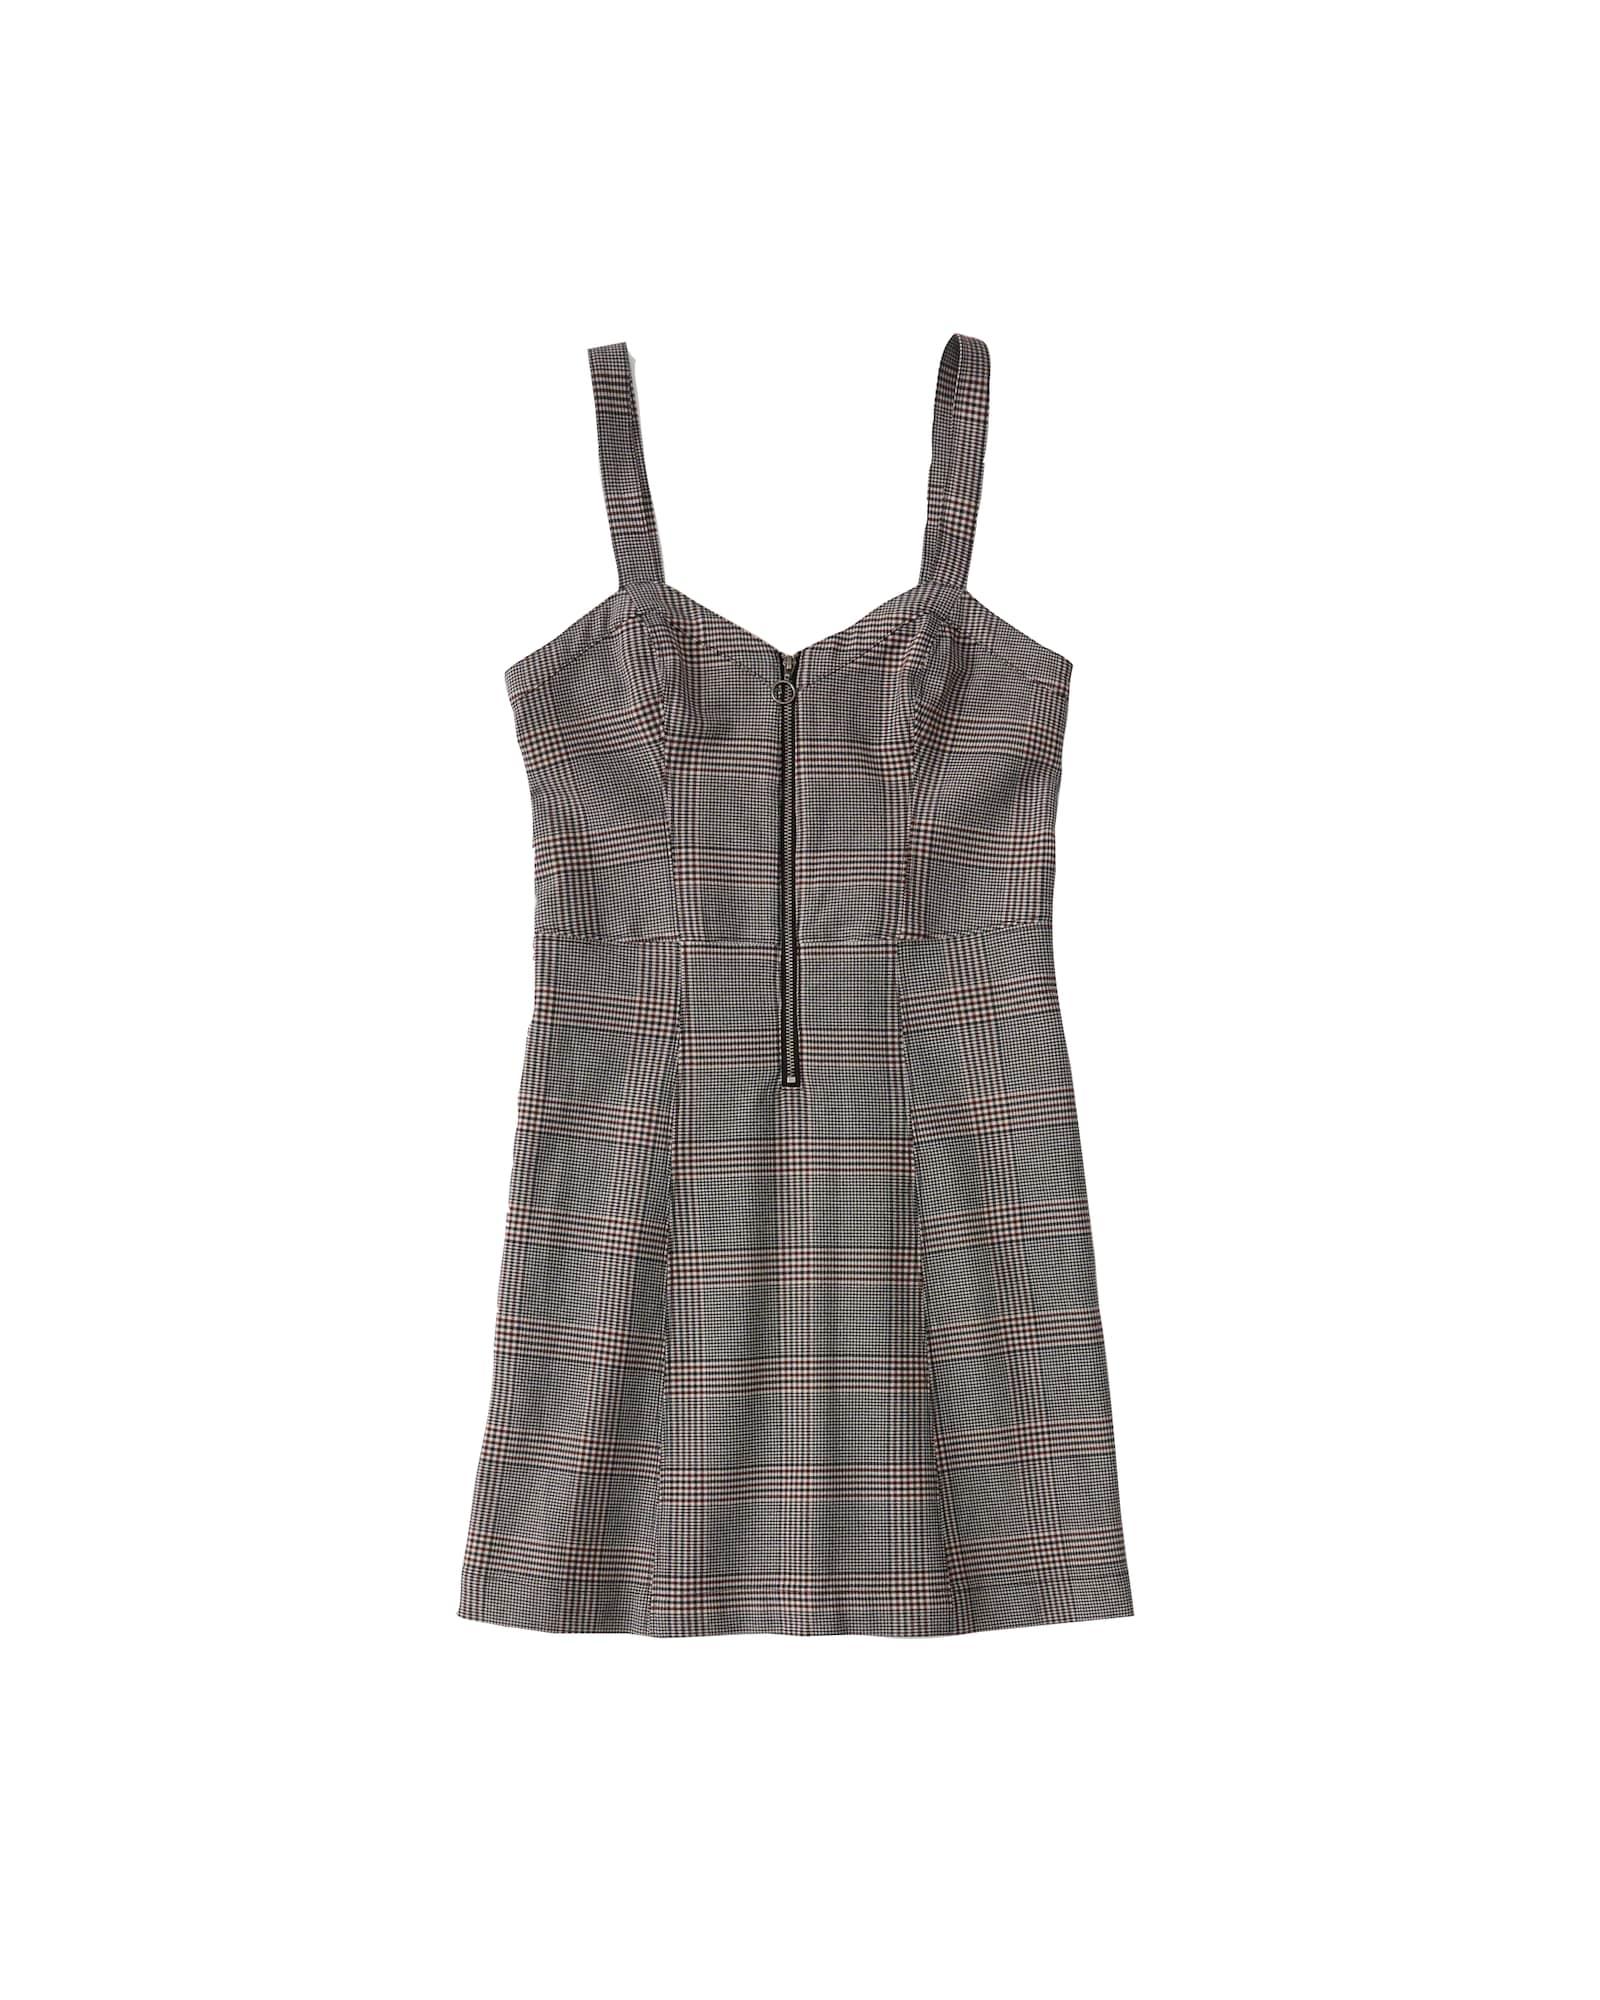 Šaty ZIP UP PINAFORE čedičová šedá Abercrombie & Fitch